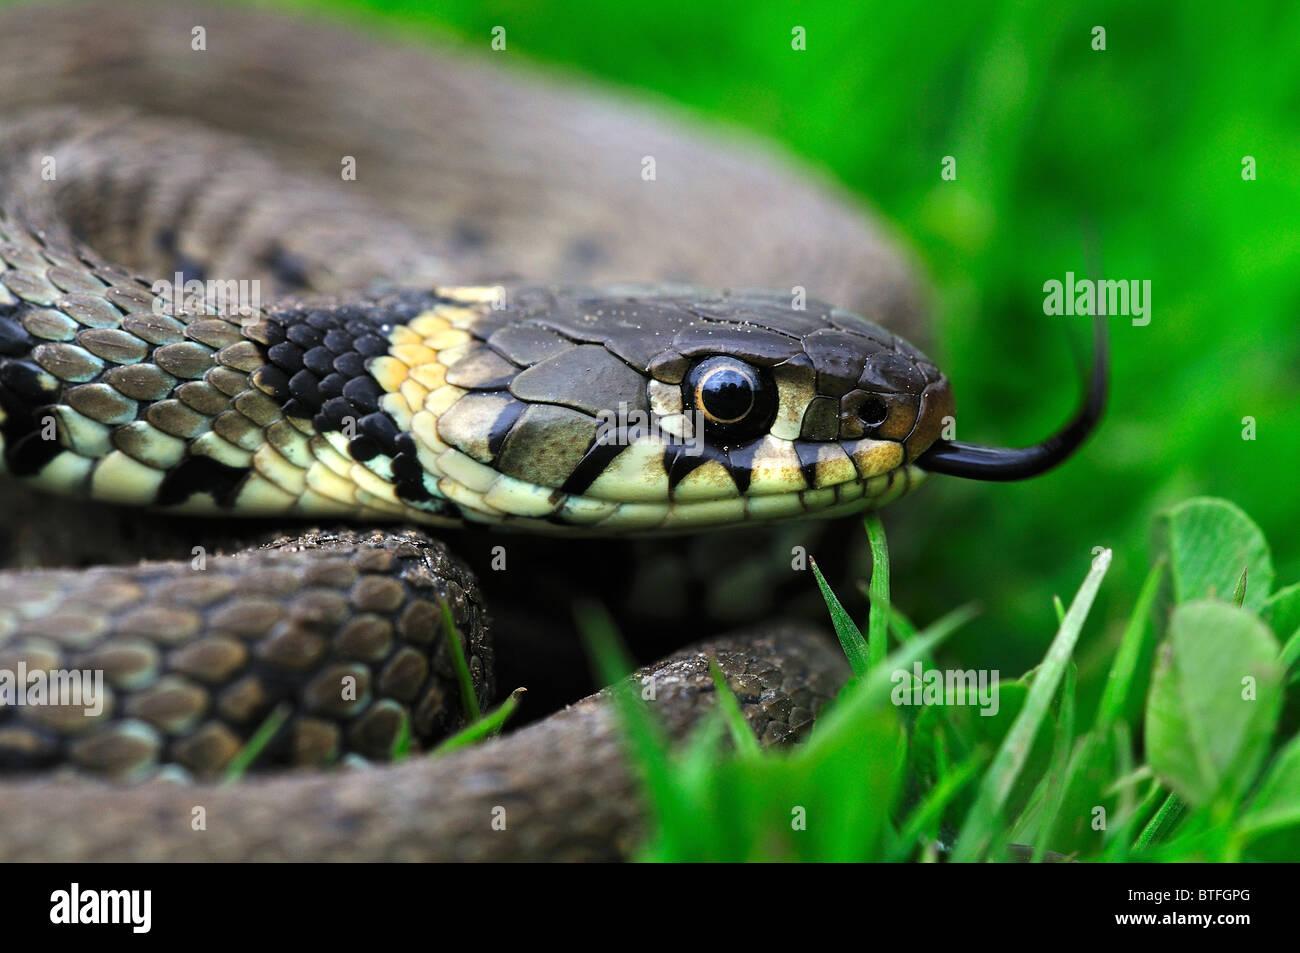 Un adulto biscia spostando la sua linguetta, in erba. Dorset UK Aprile 2009 Immagini Stock